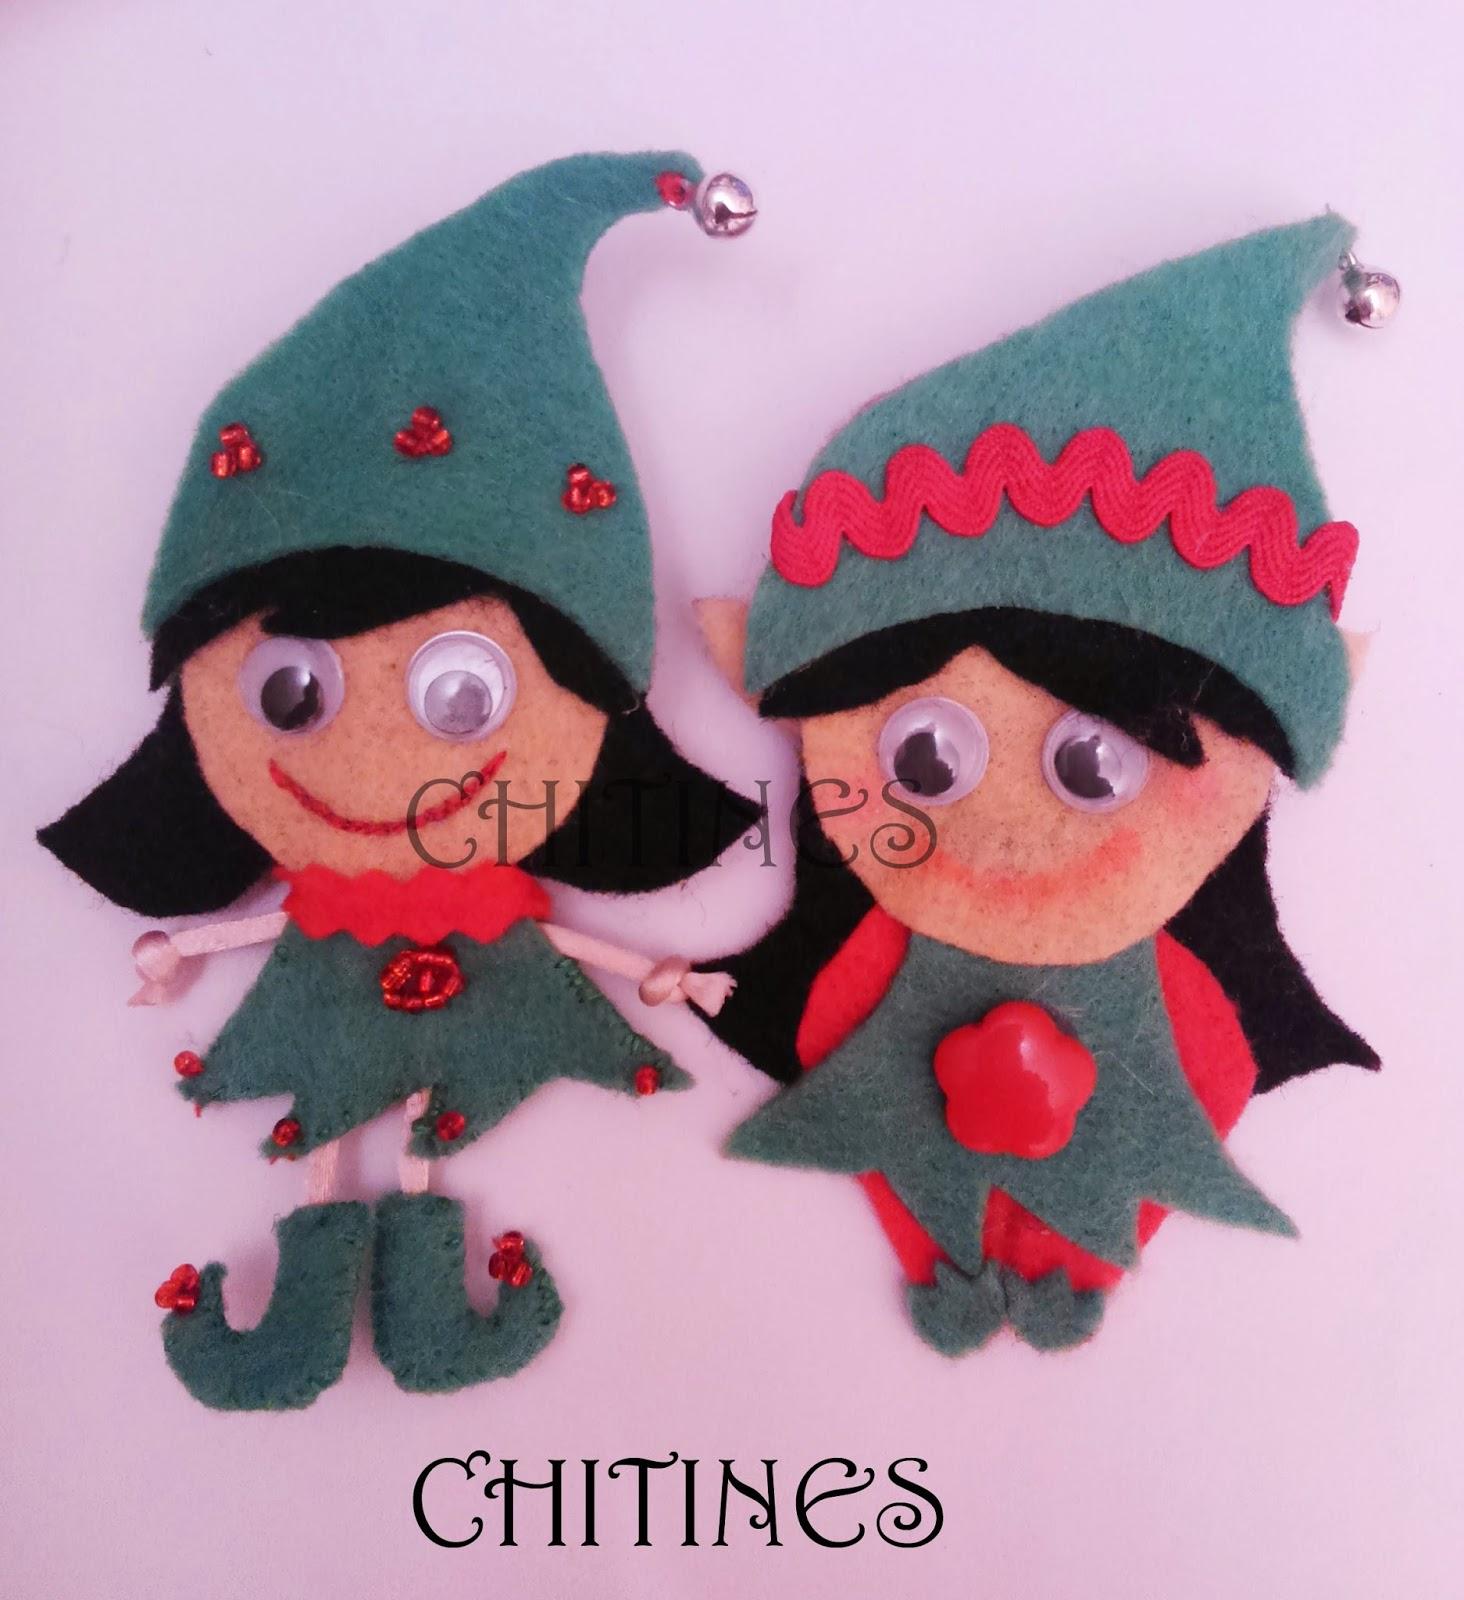 Manualidades Duendes De Navidad.Chitines Fieltro Y Otras Manualidades Duendes Navidenos